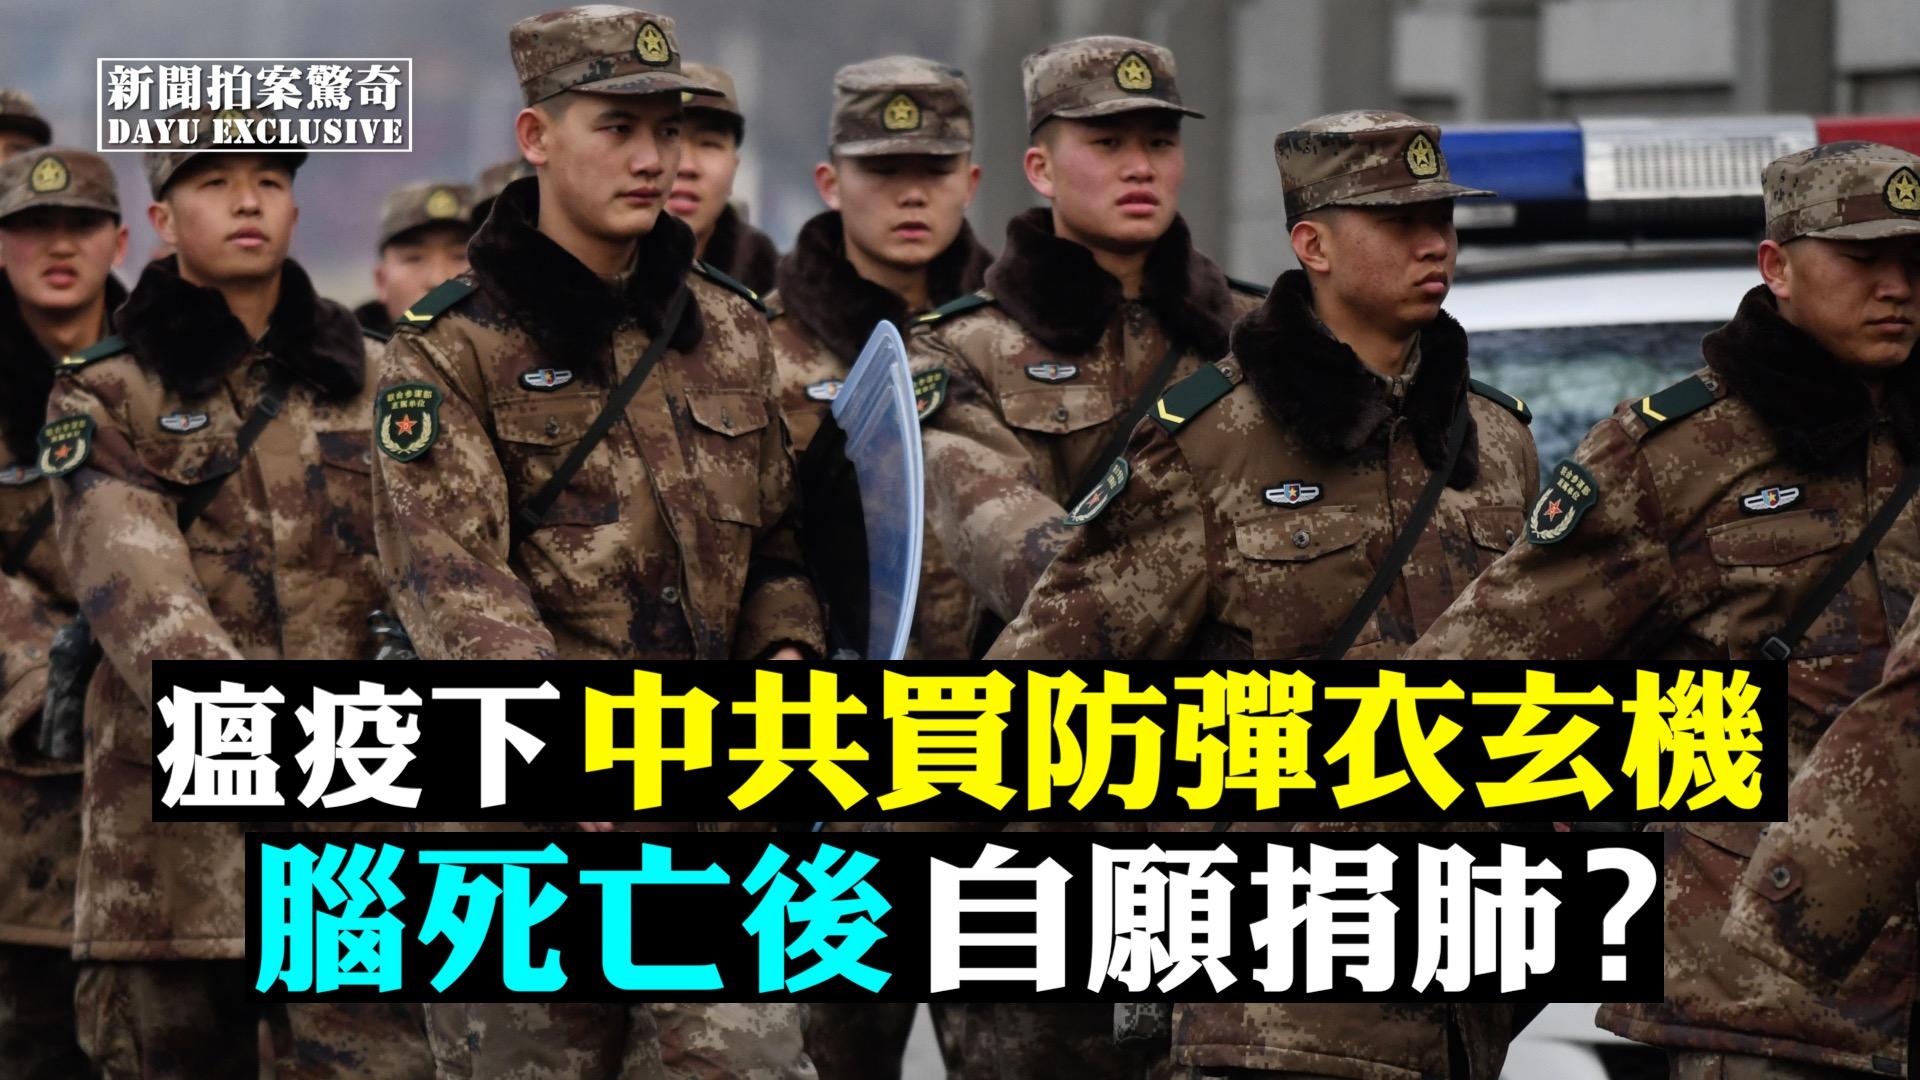 【拍案驚奇】陳秋實生死謎 中共買防彈衣玄機